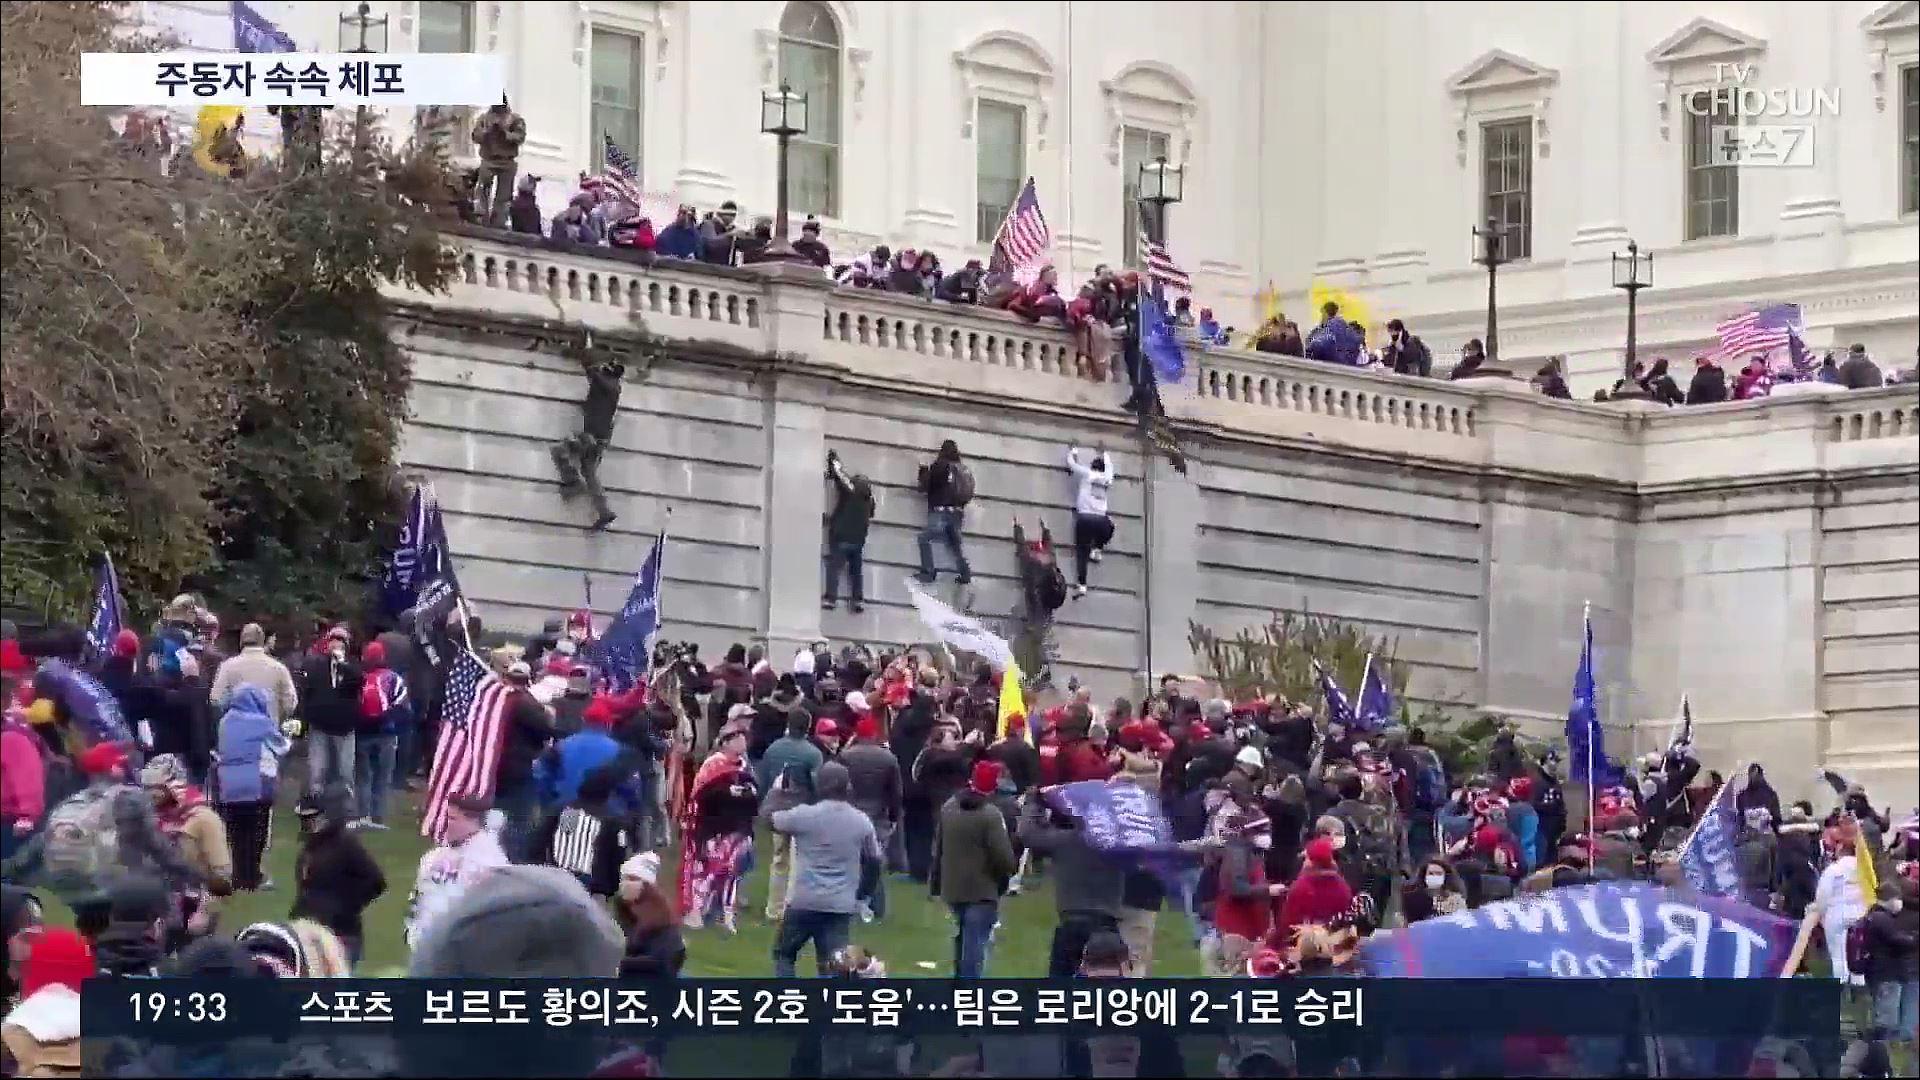 '소뿔모자' 등 폭동 주도자 속속 체포…'바이든 취임식 날 트럼프 탄핵안 심리'